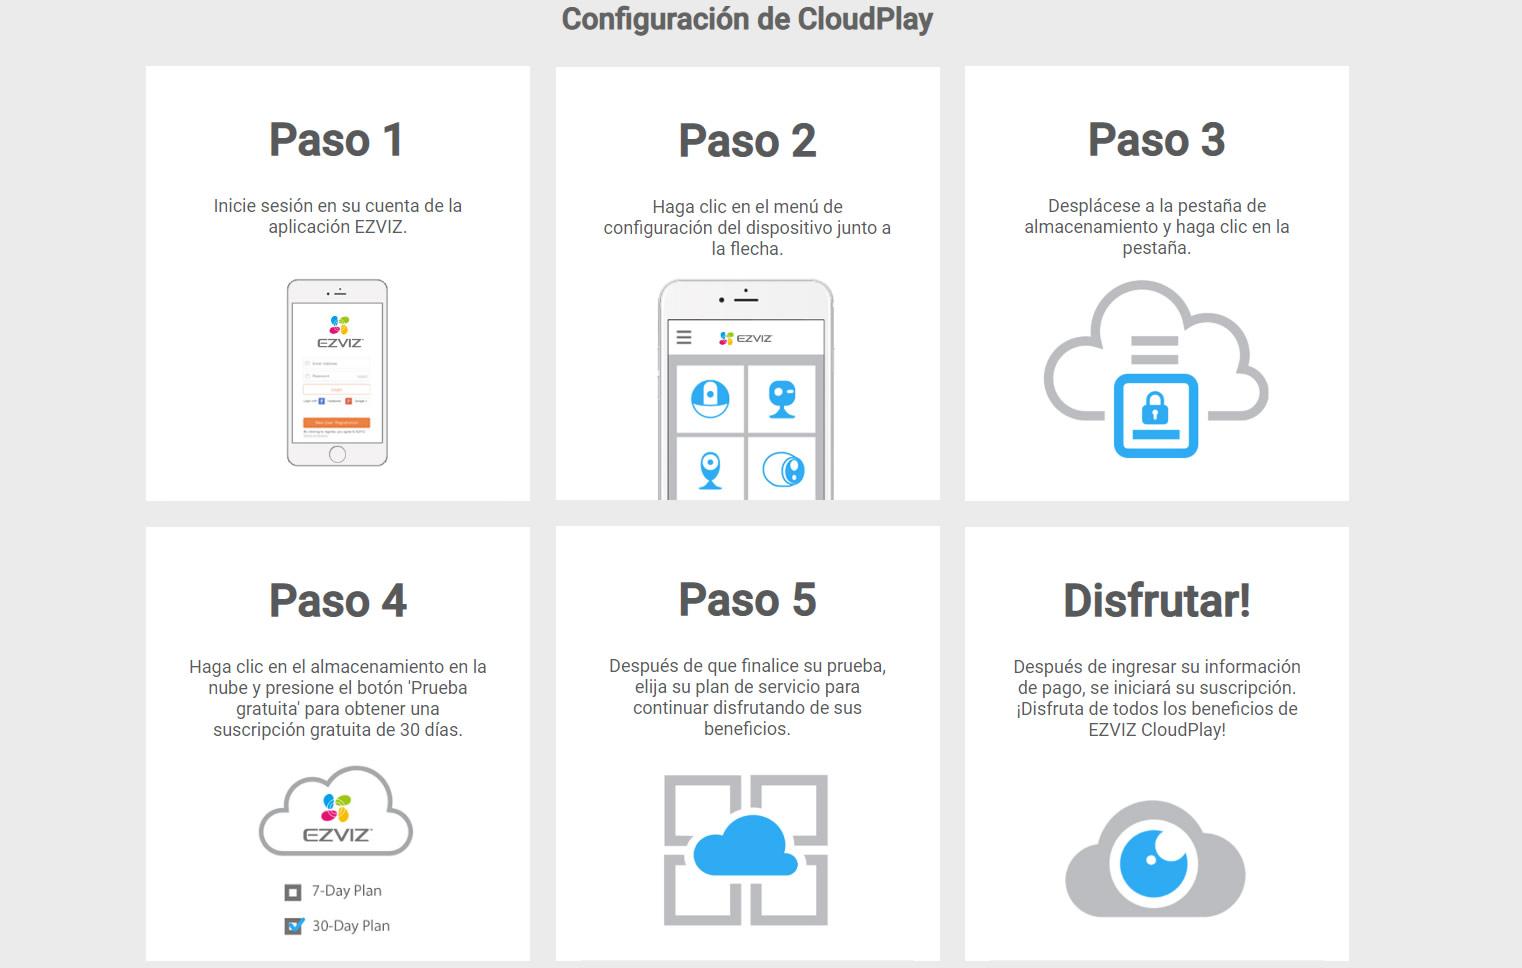 Configuración de CloudPlay